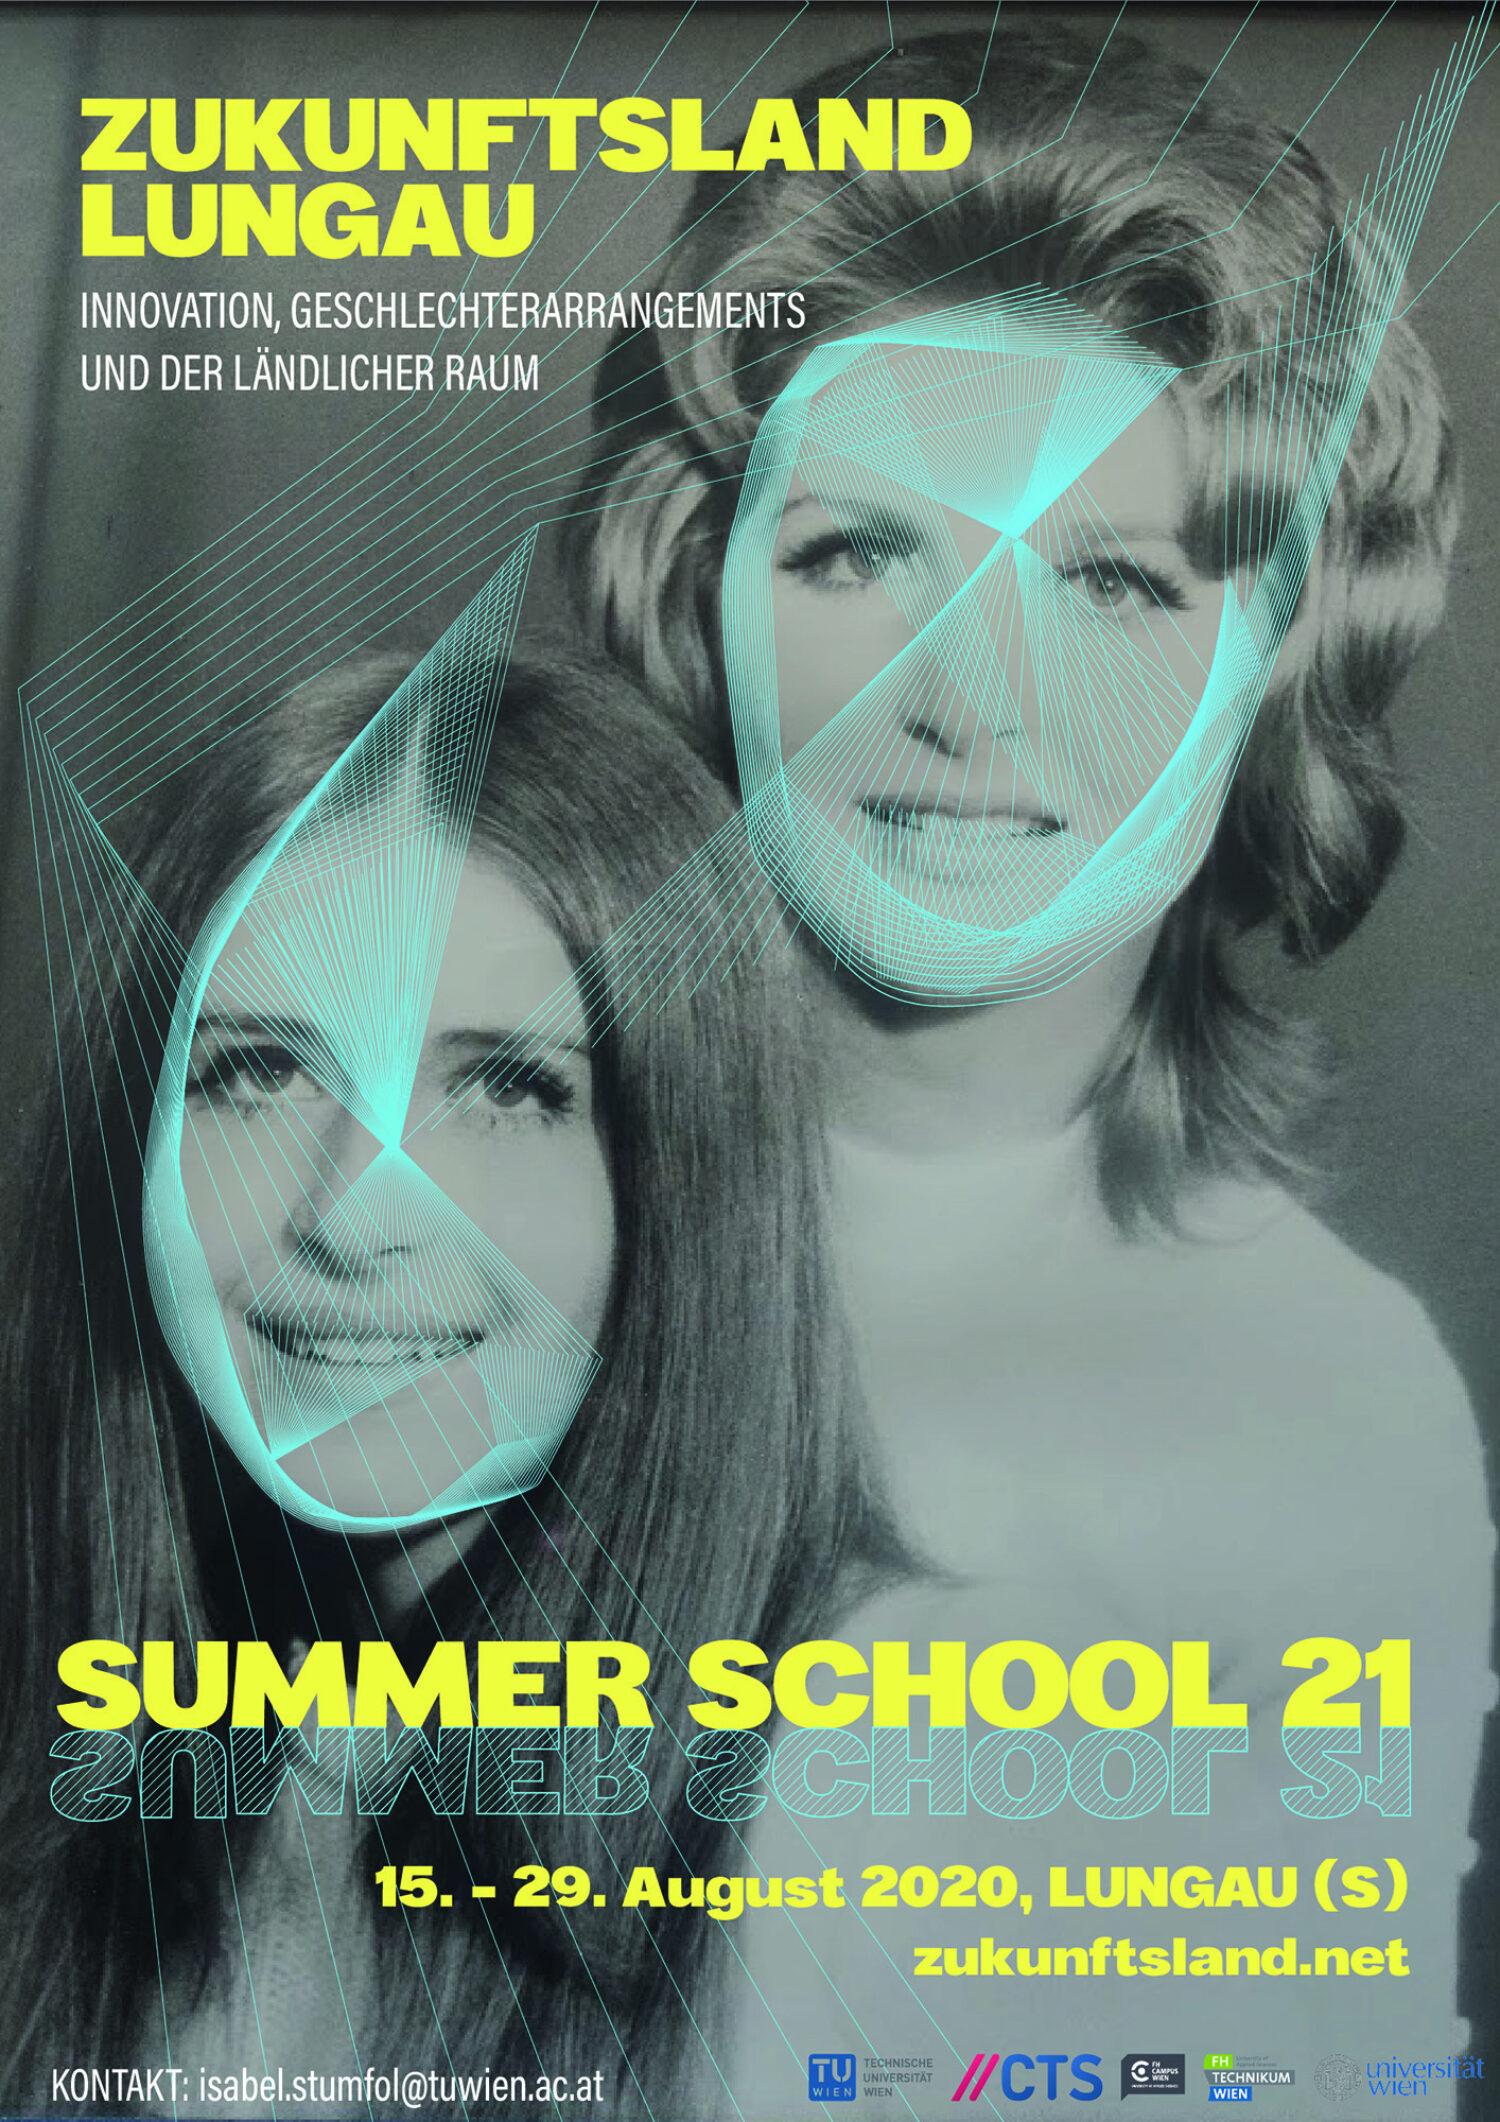 Summer School 21 *Zukunftsland Lungau*, 2021 © Isabel Stumfol, Institut für Raumplanung/TU Wien